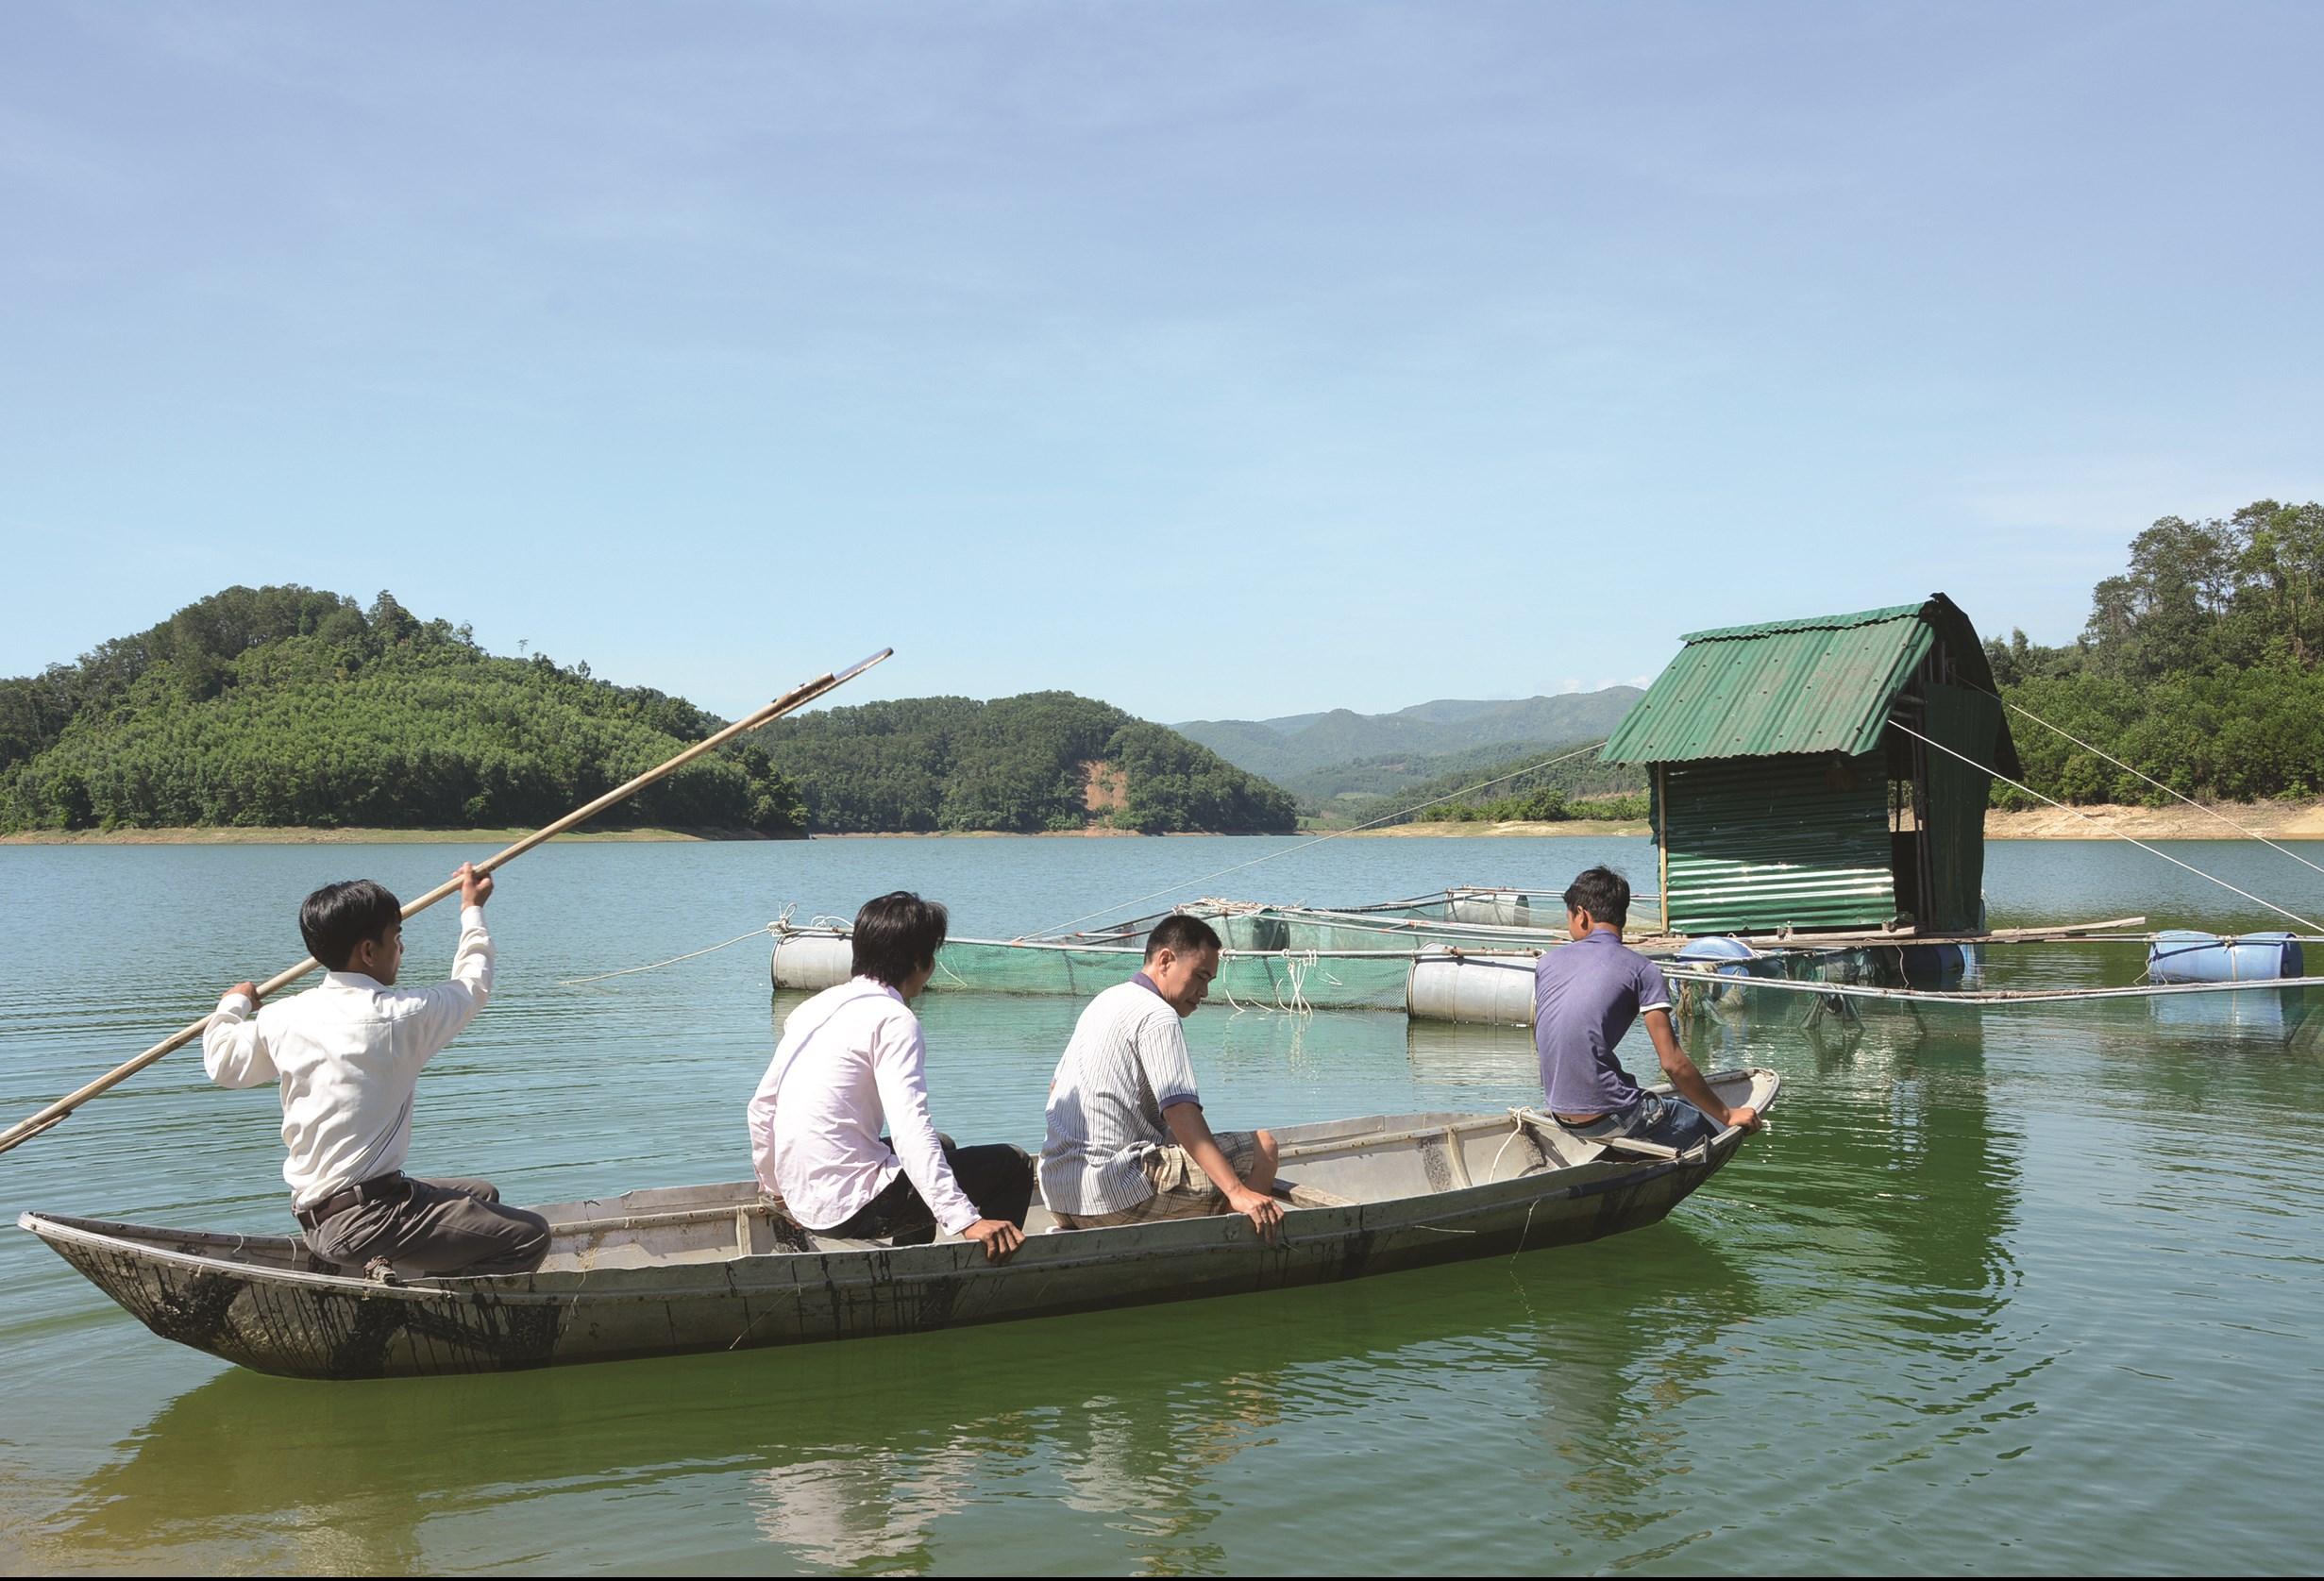 Mô hình nuôi cá nước ngọt giúp nhiều hộ dân miền núi Quảng Ngãi thoát nghèo.